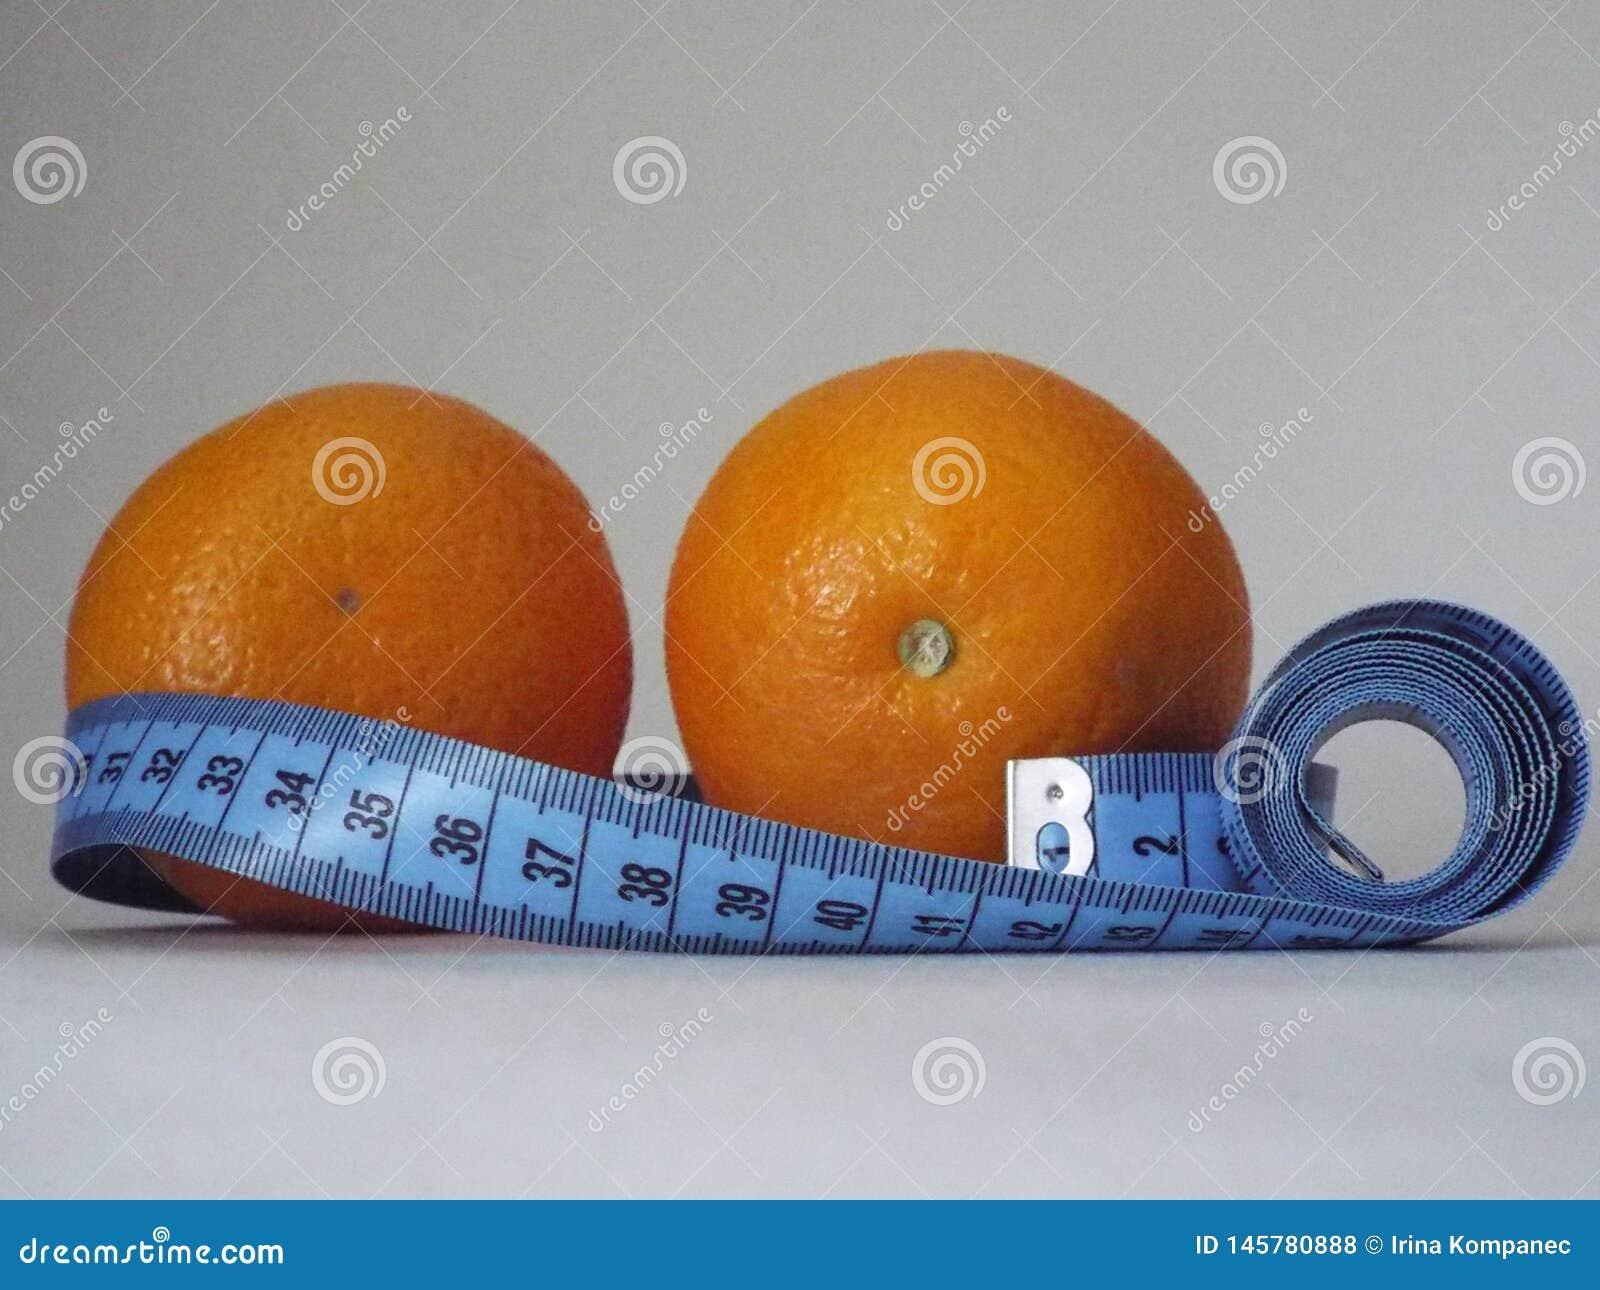 橙色桔子,饮食,减肥,健康,厘米